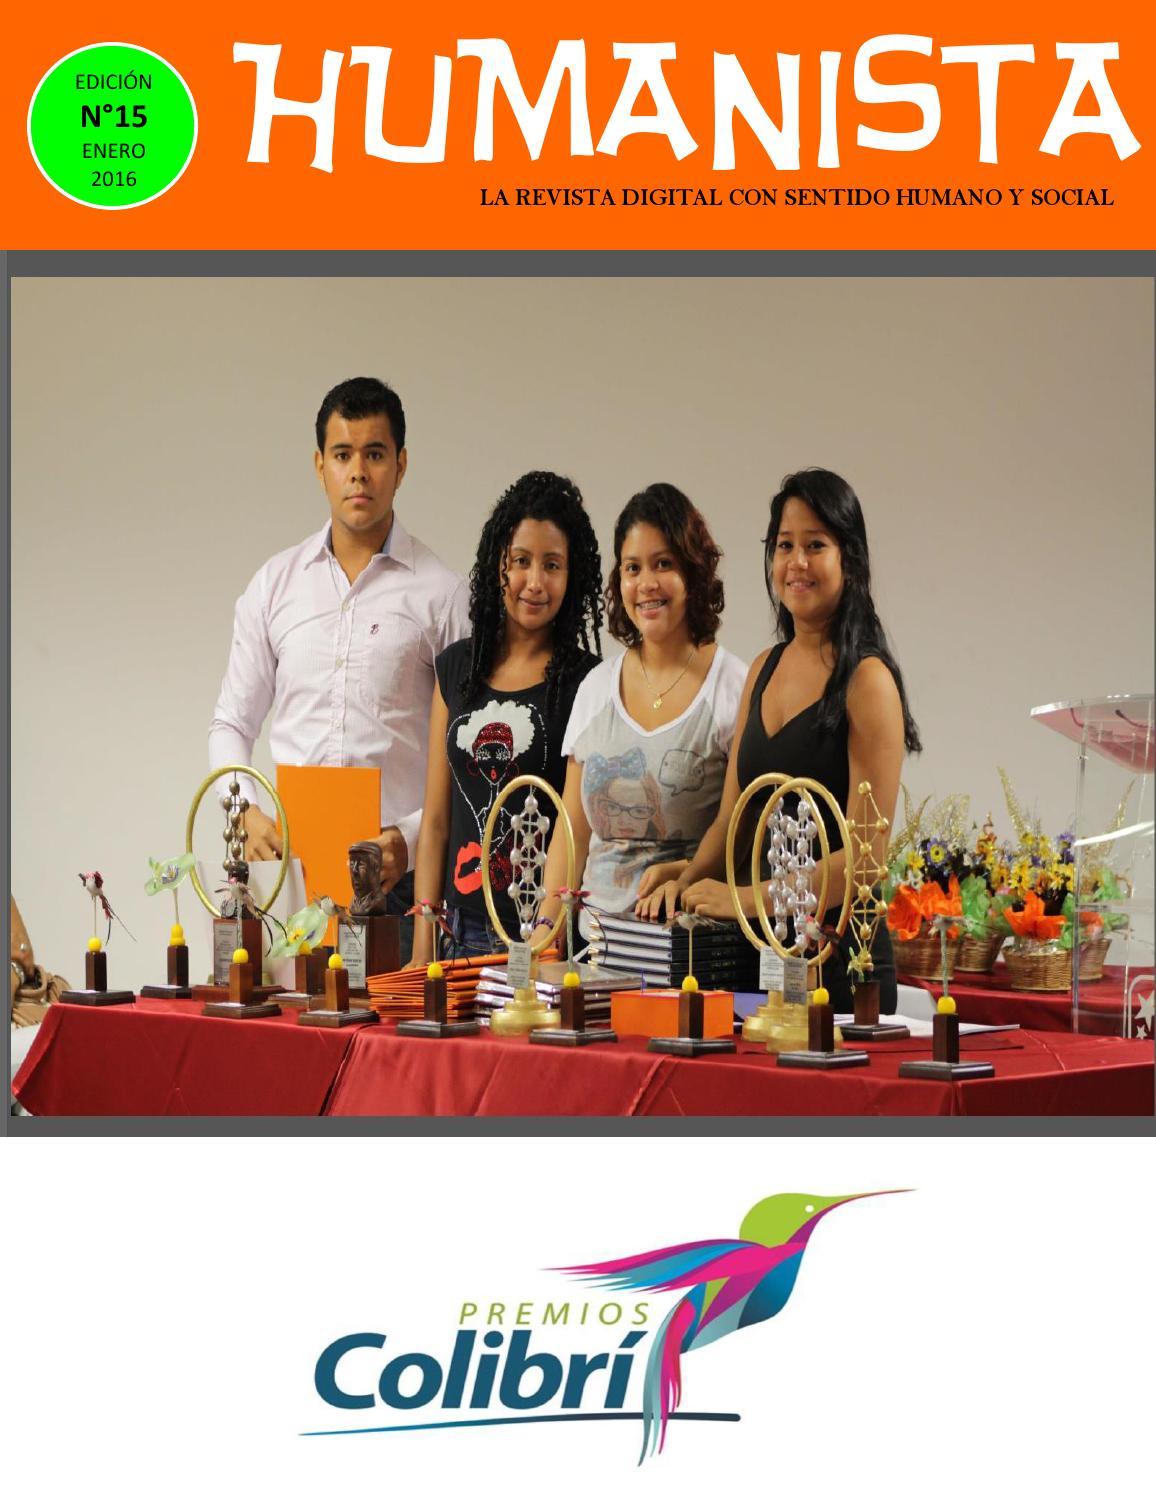 Premios Kolibri